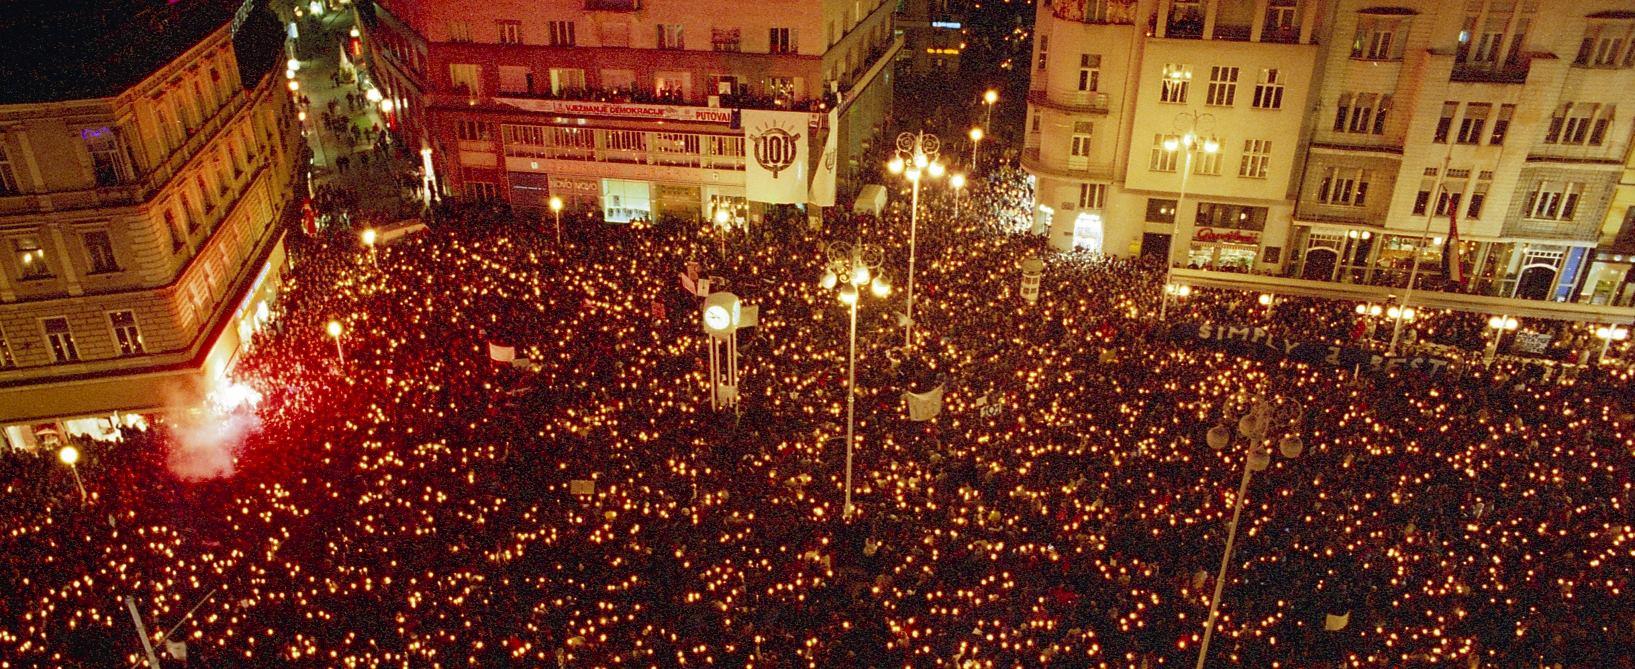 FOTO: U organizaciji tjednika Nacional i HND-a svečano obilježeno 20 godina od demonstracija za slobodu medija